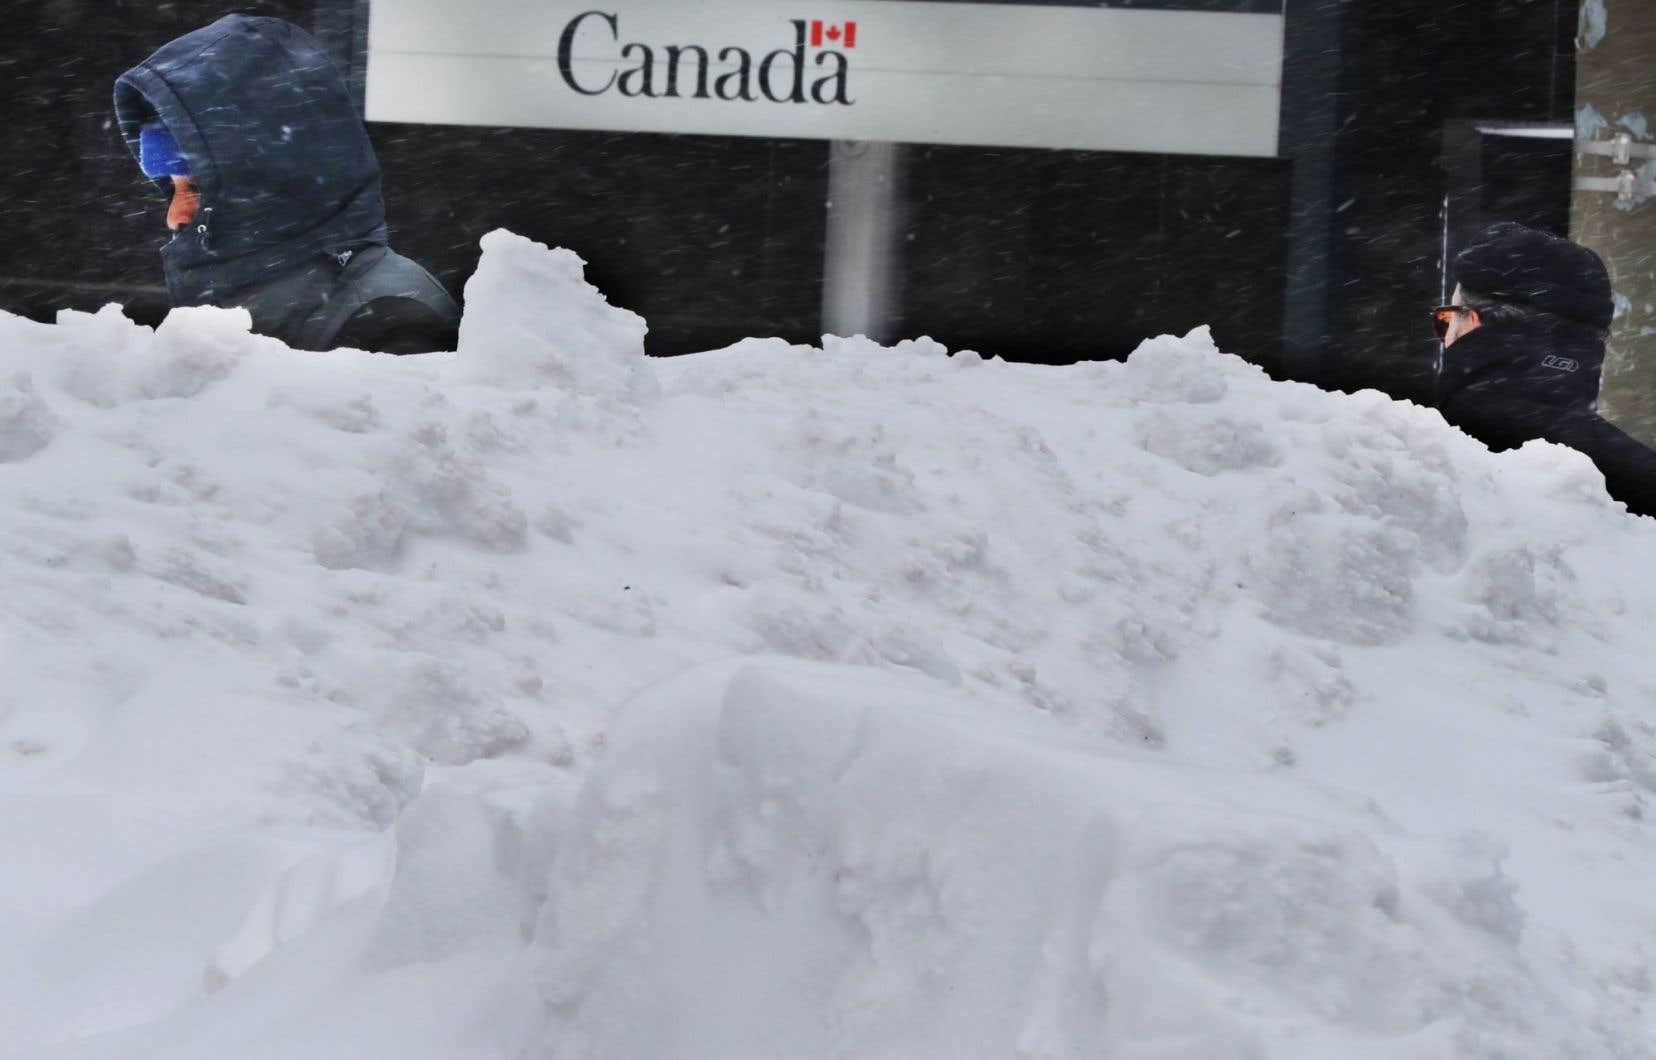 Selon Alain Bourque, les phénomènes hivernaux extrêmes risquent de prendre davantage de place dans le paysage météorologique des prochaines décennies au Québec.